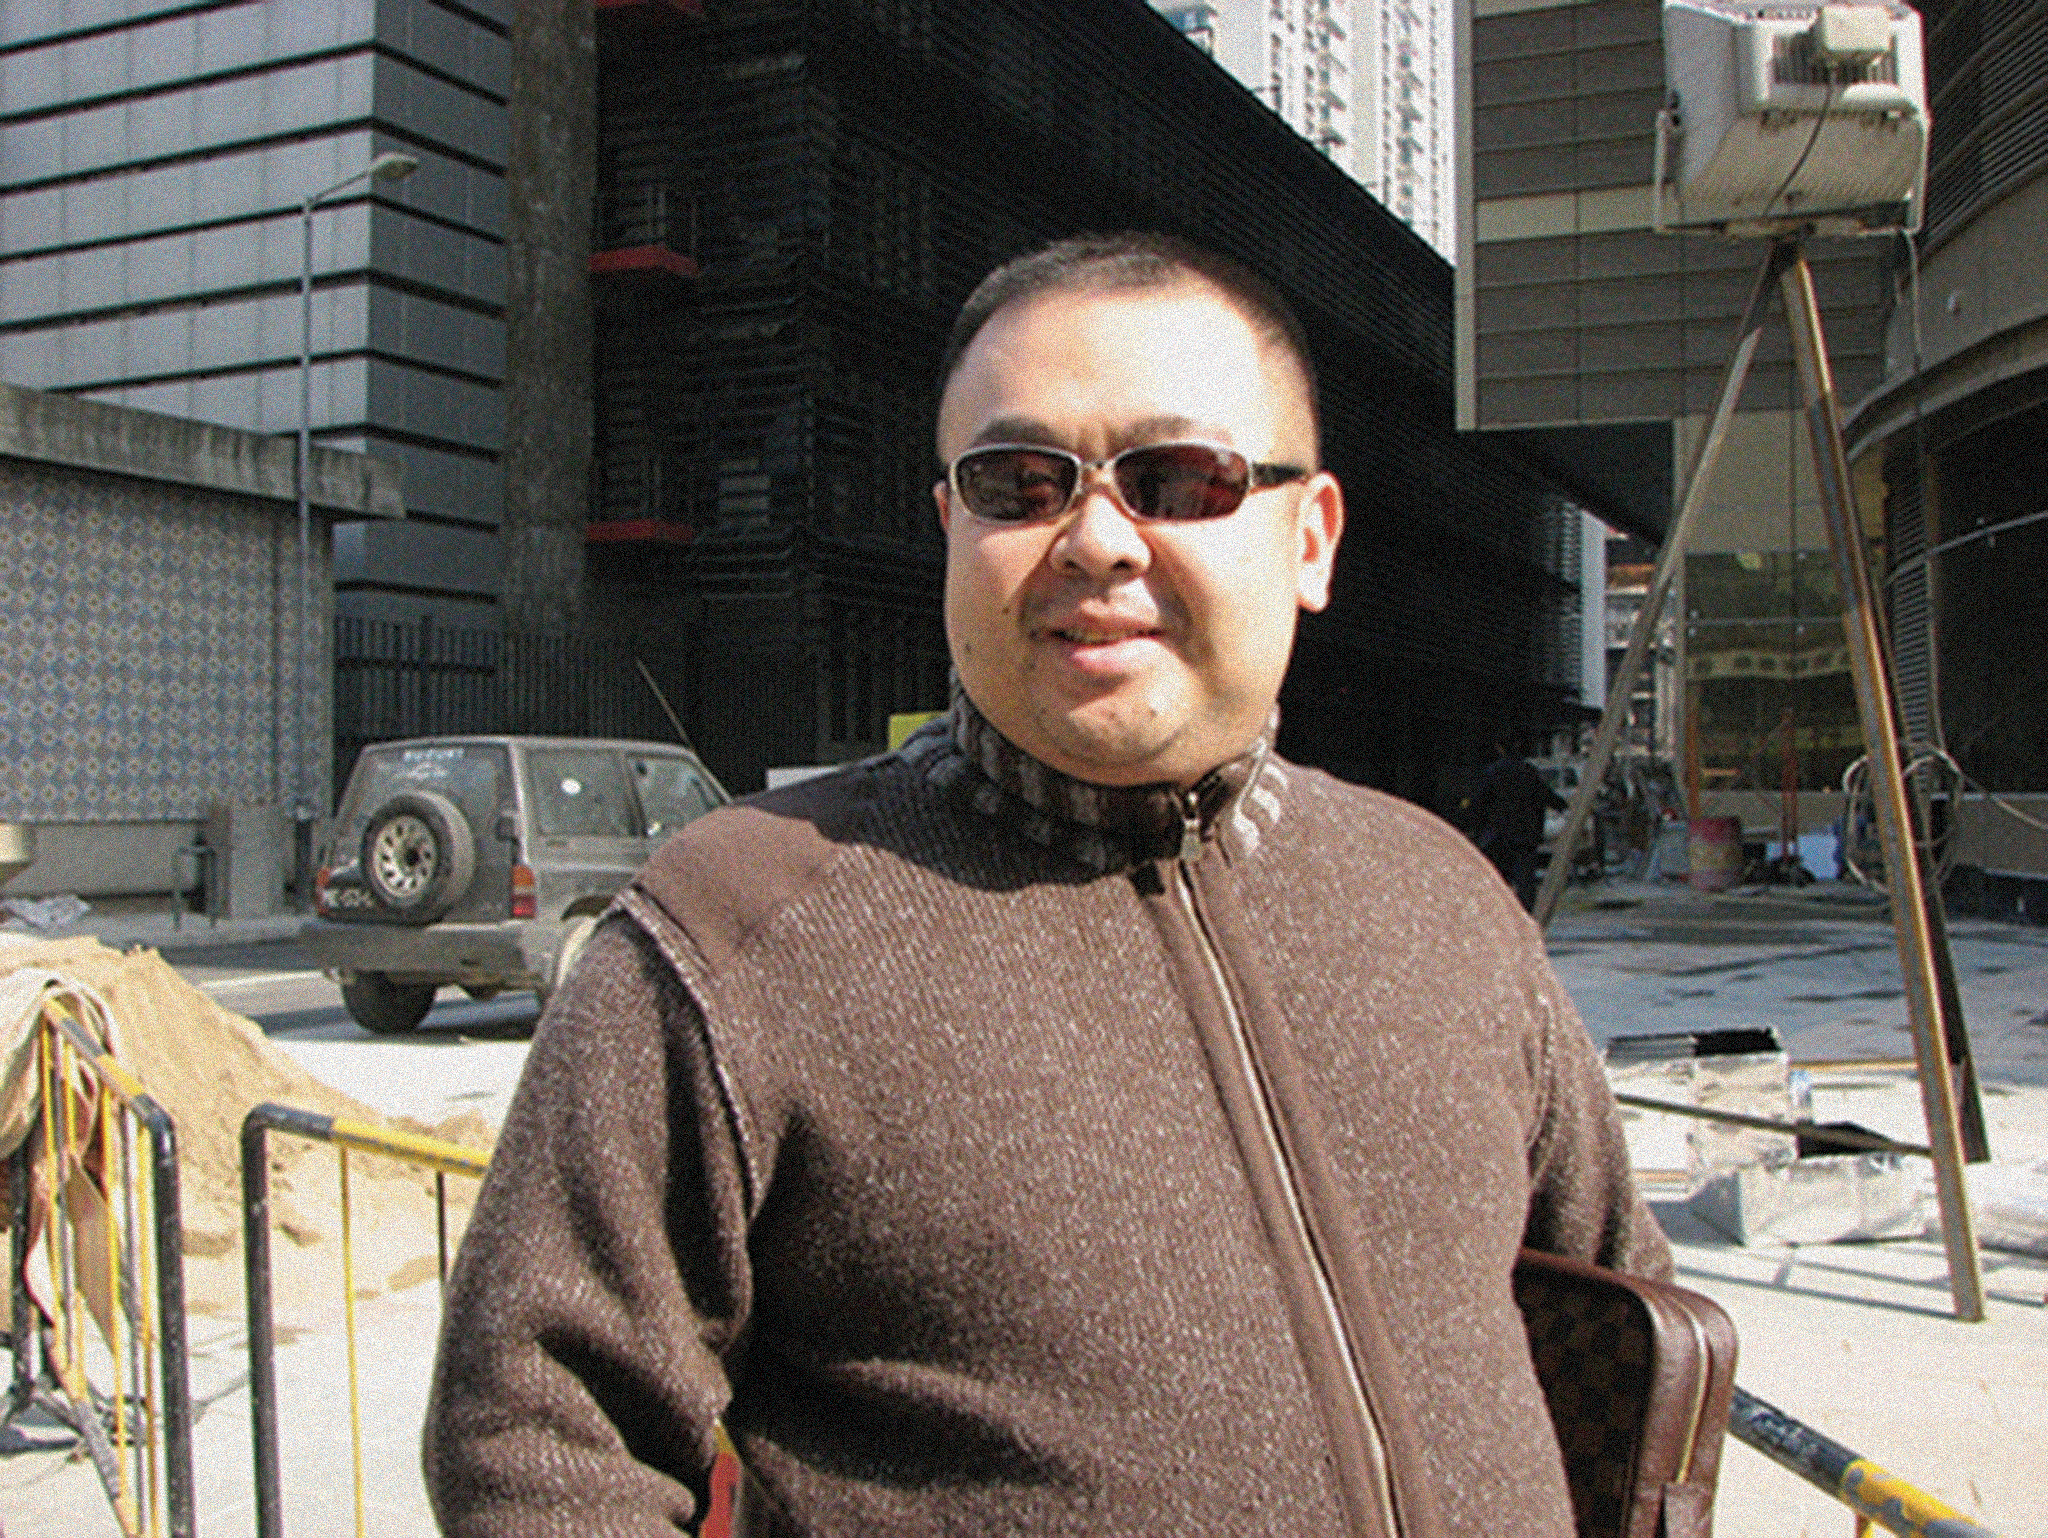 Óbito   Kim Jong-nam, irmão do líder norte-coreano, assassinado na Malásia